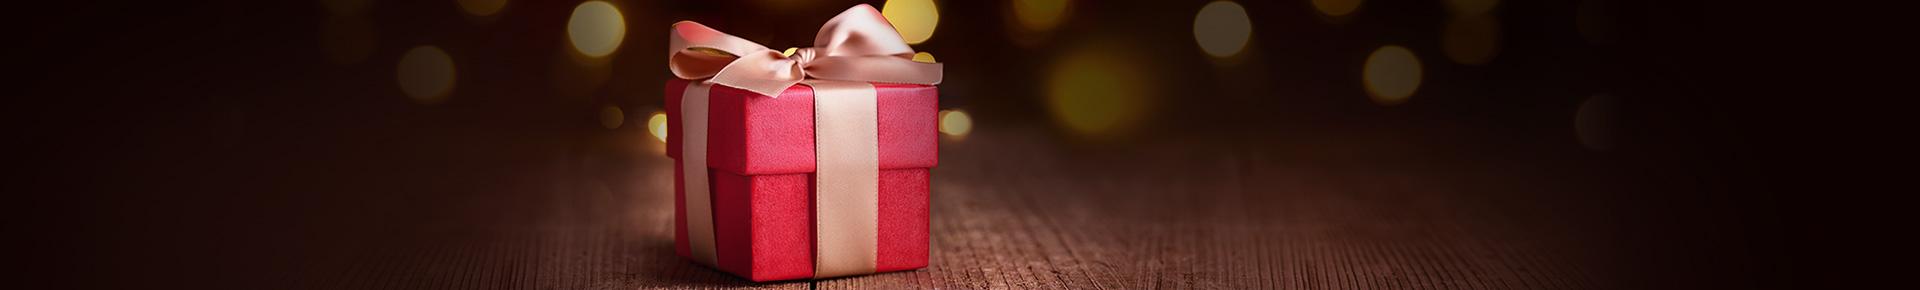 Entdecken Sie wunderbare Geschenkideen für Weihnachten.